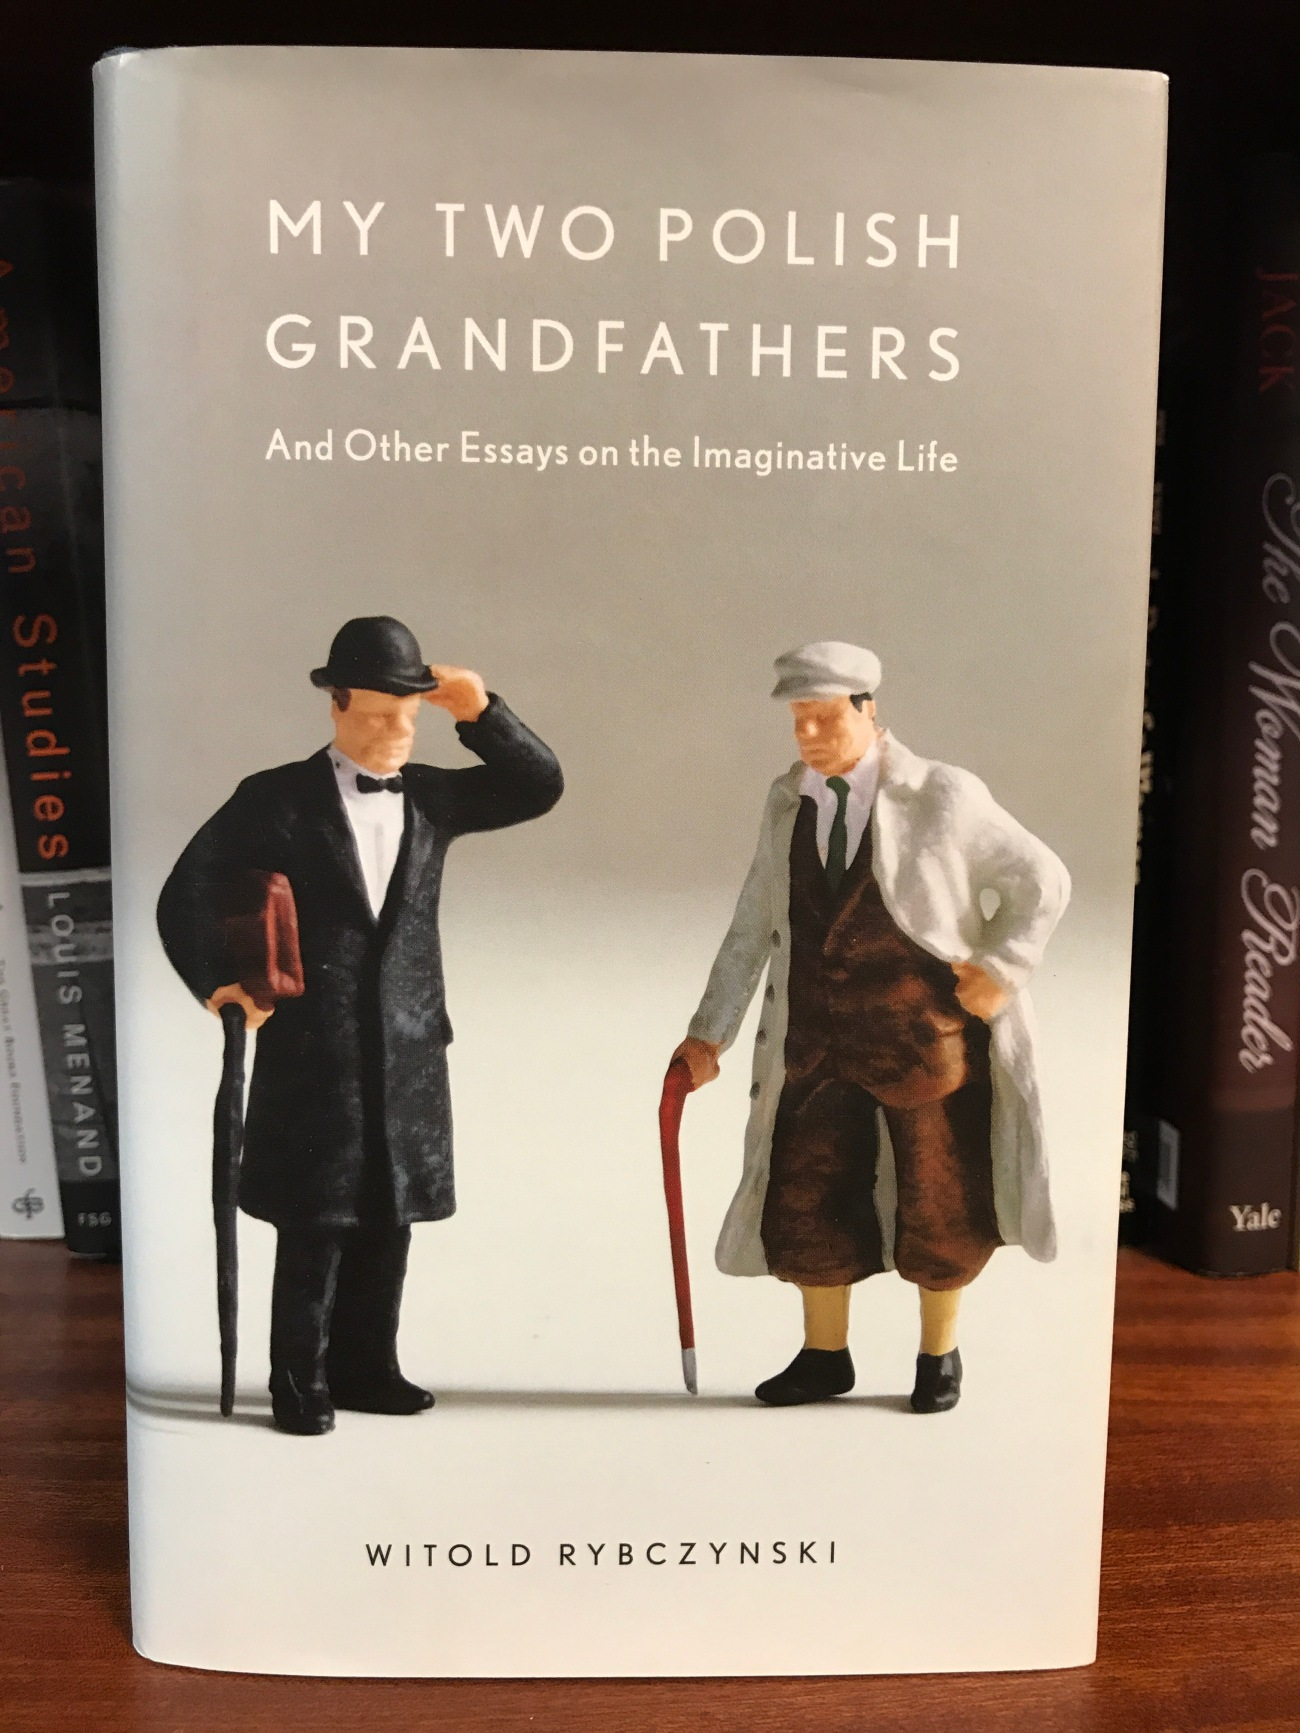 My Two Polish Grandfathers by Witold Rybczynski (WildmooBooks.com)